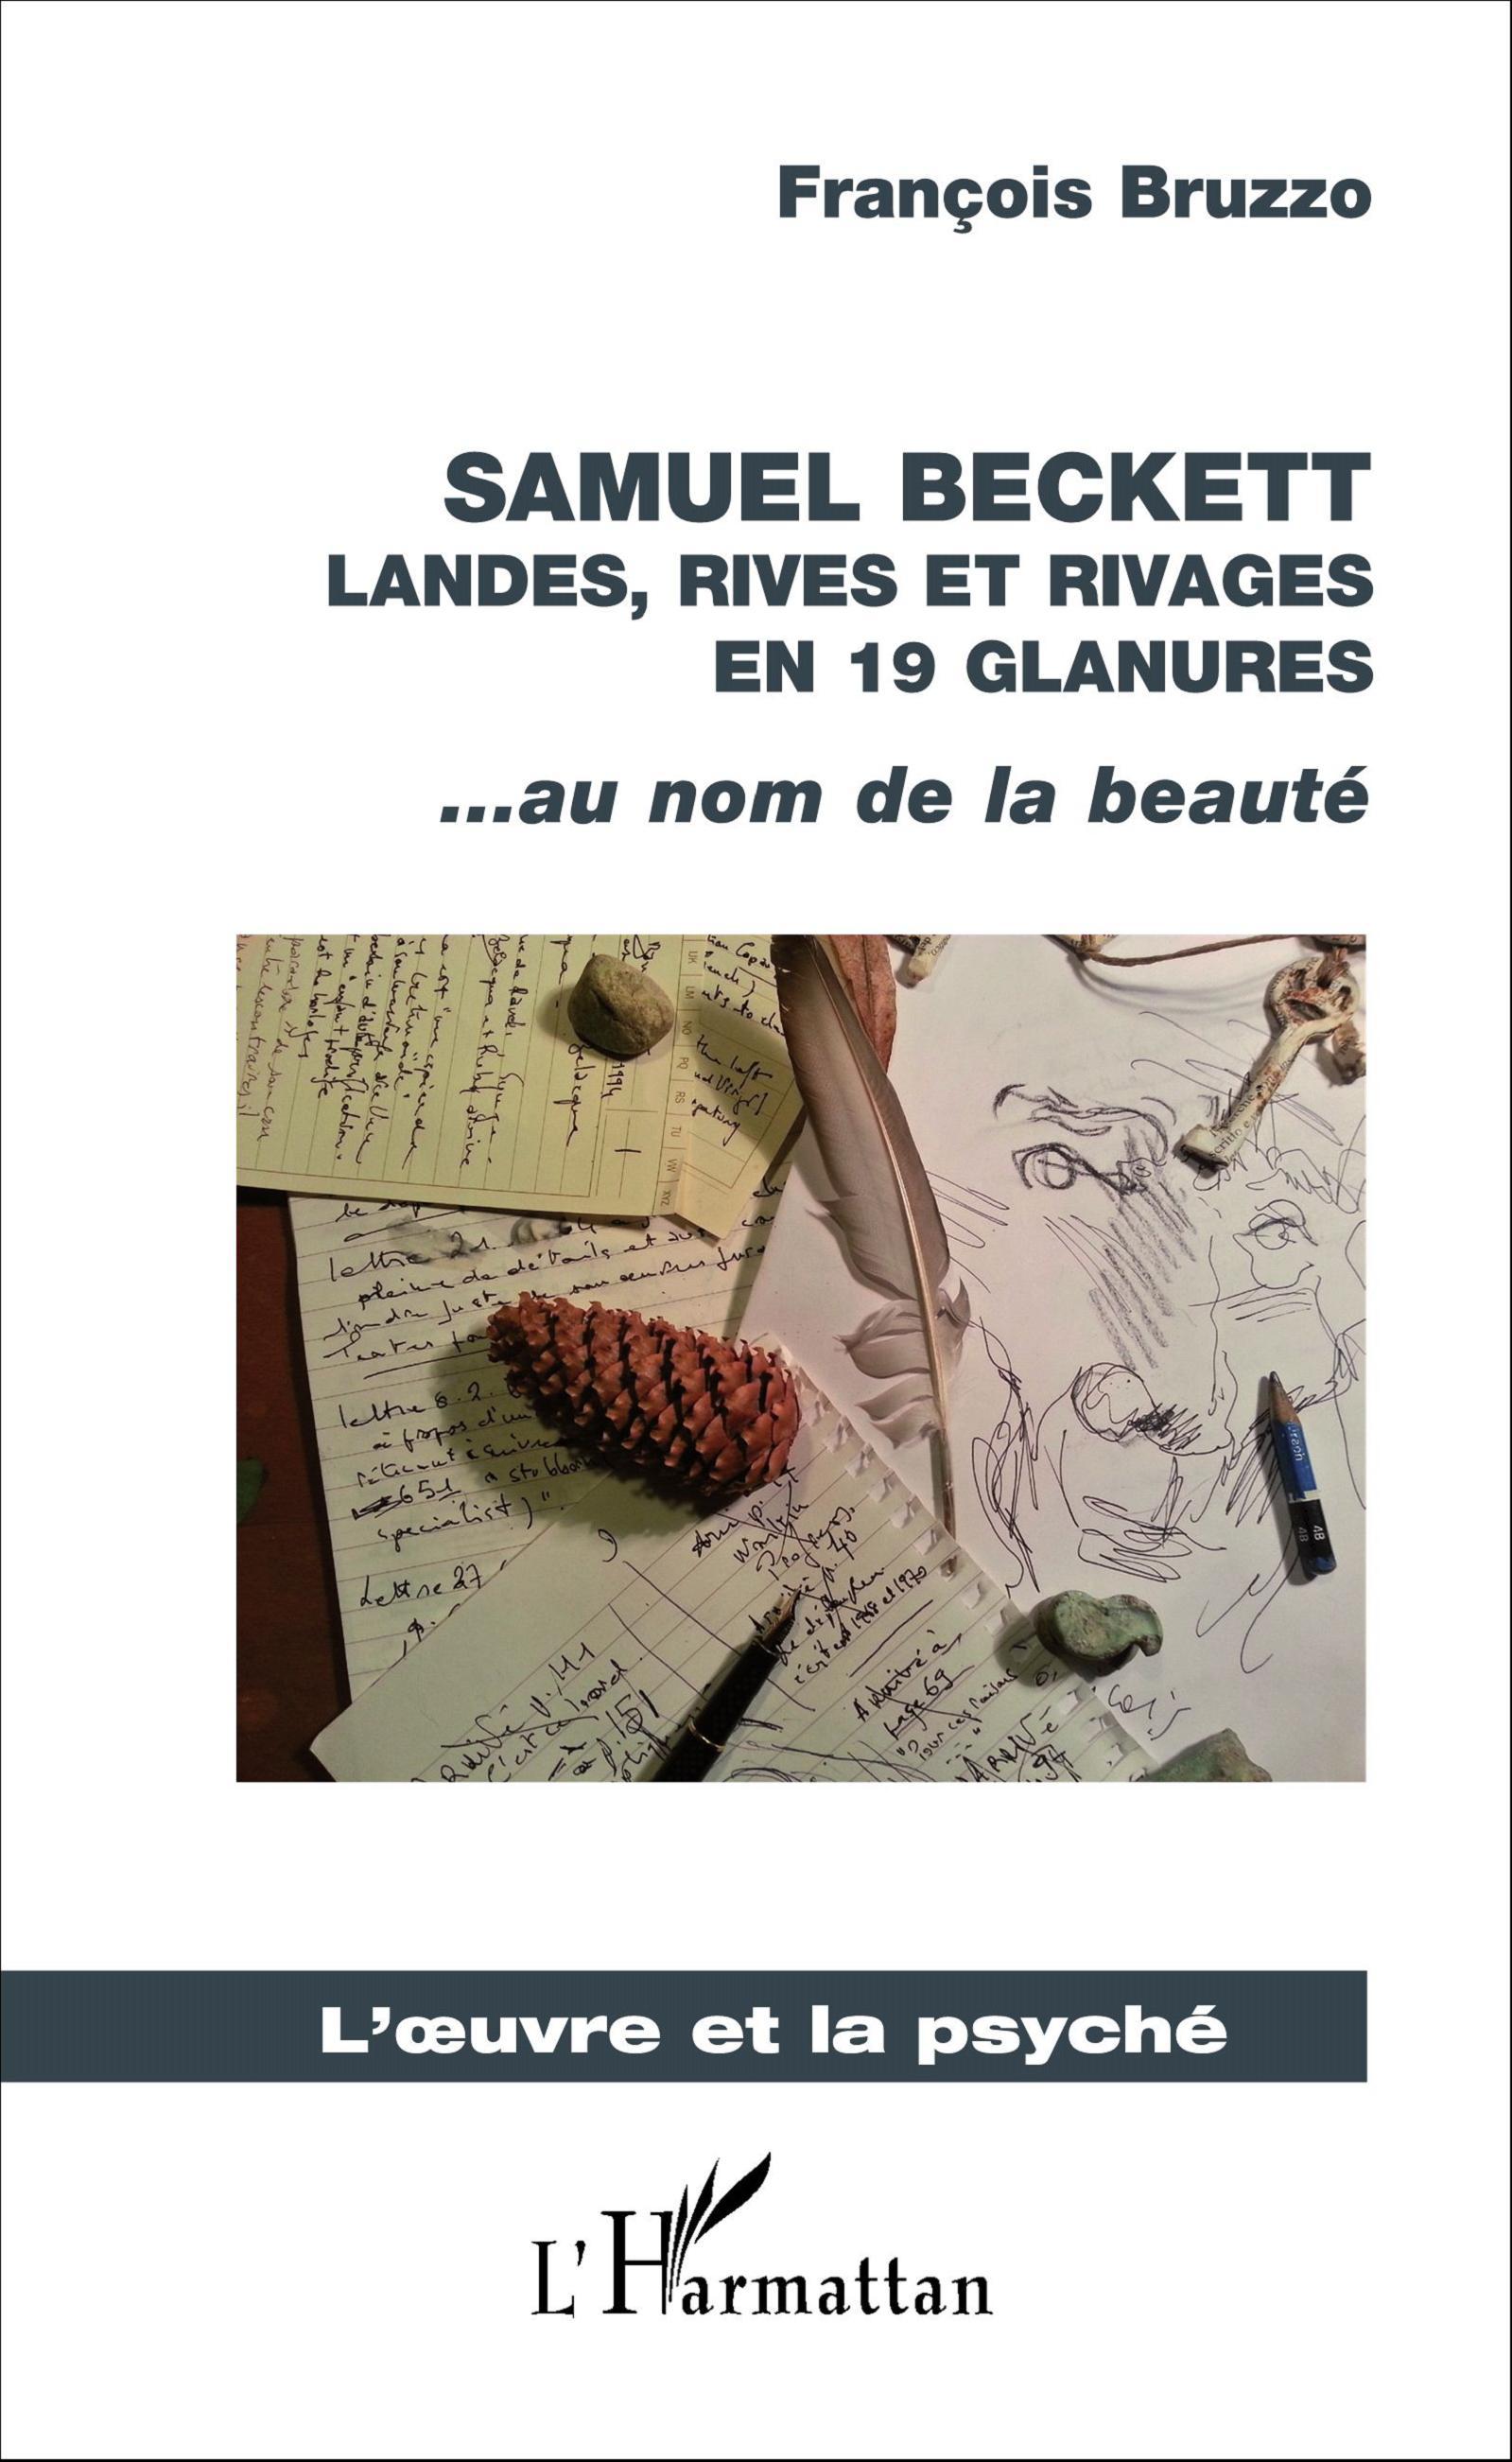 F. Bruzzo, Samuel Beckett. Landes, rives et rivages en 19 glanures. au nom de la beauté